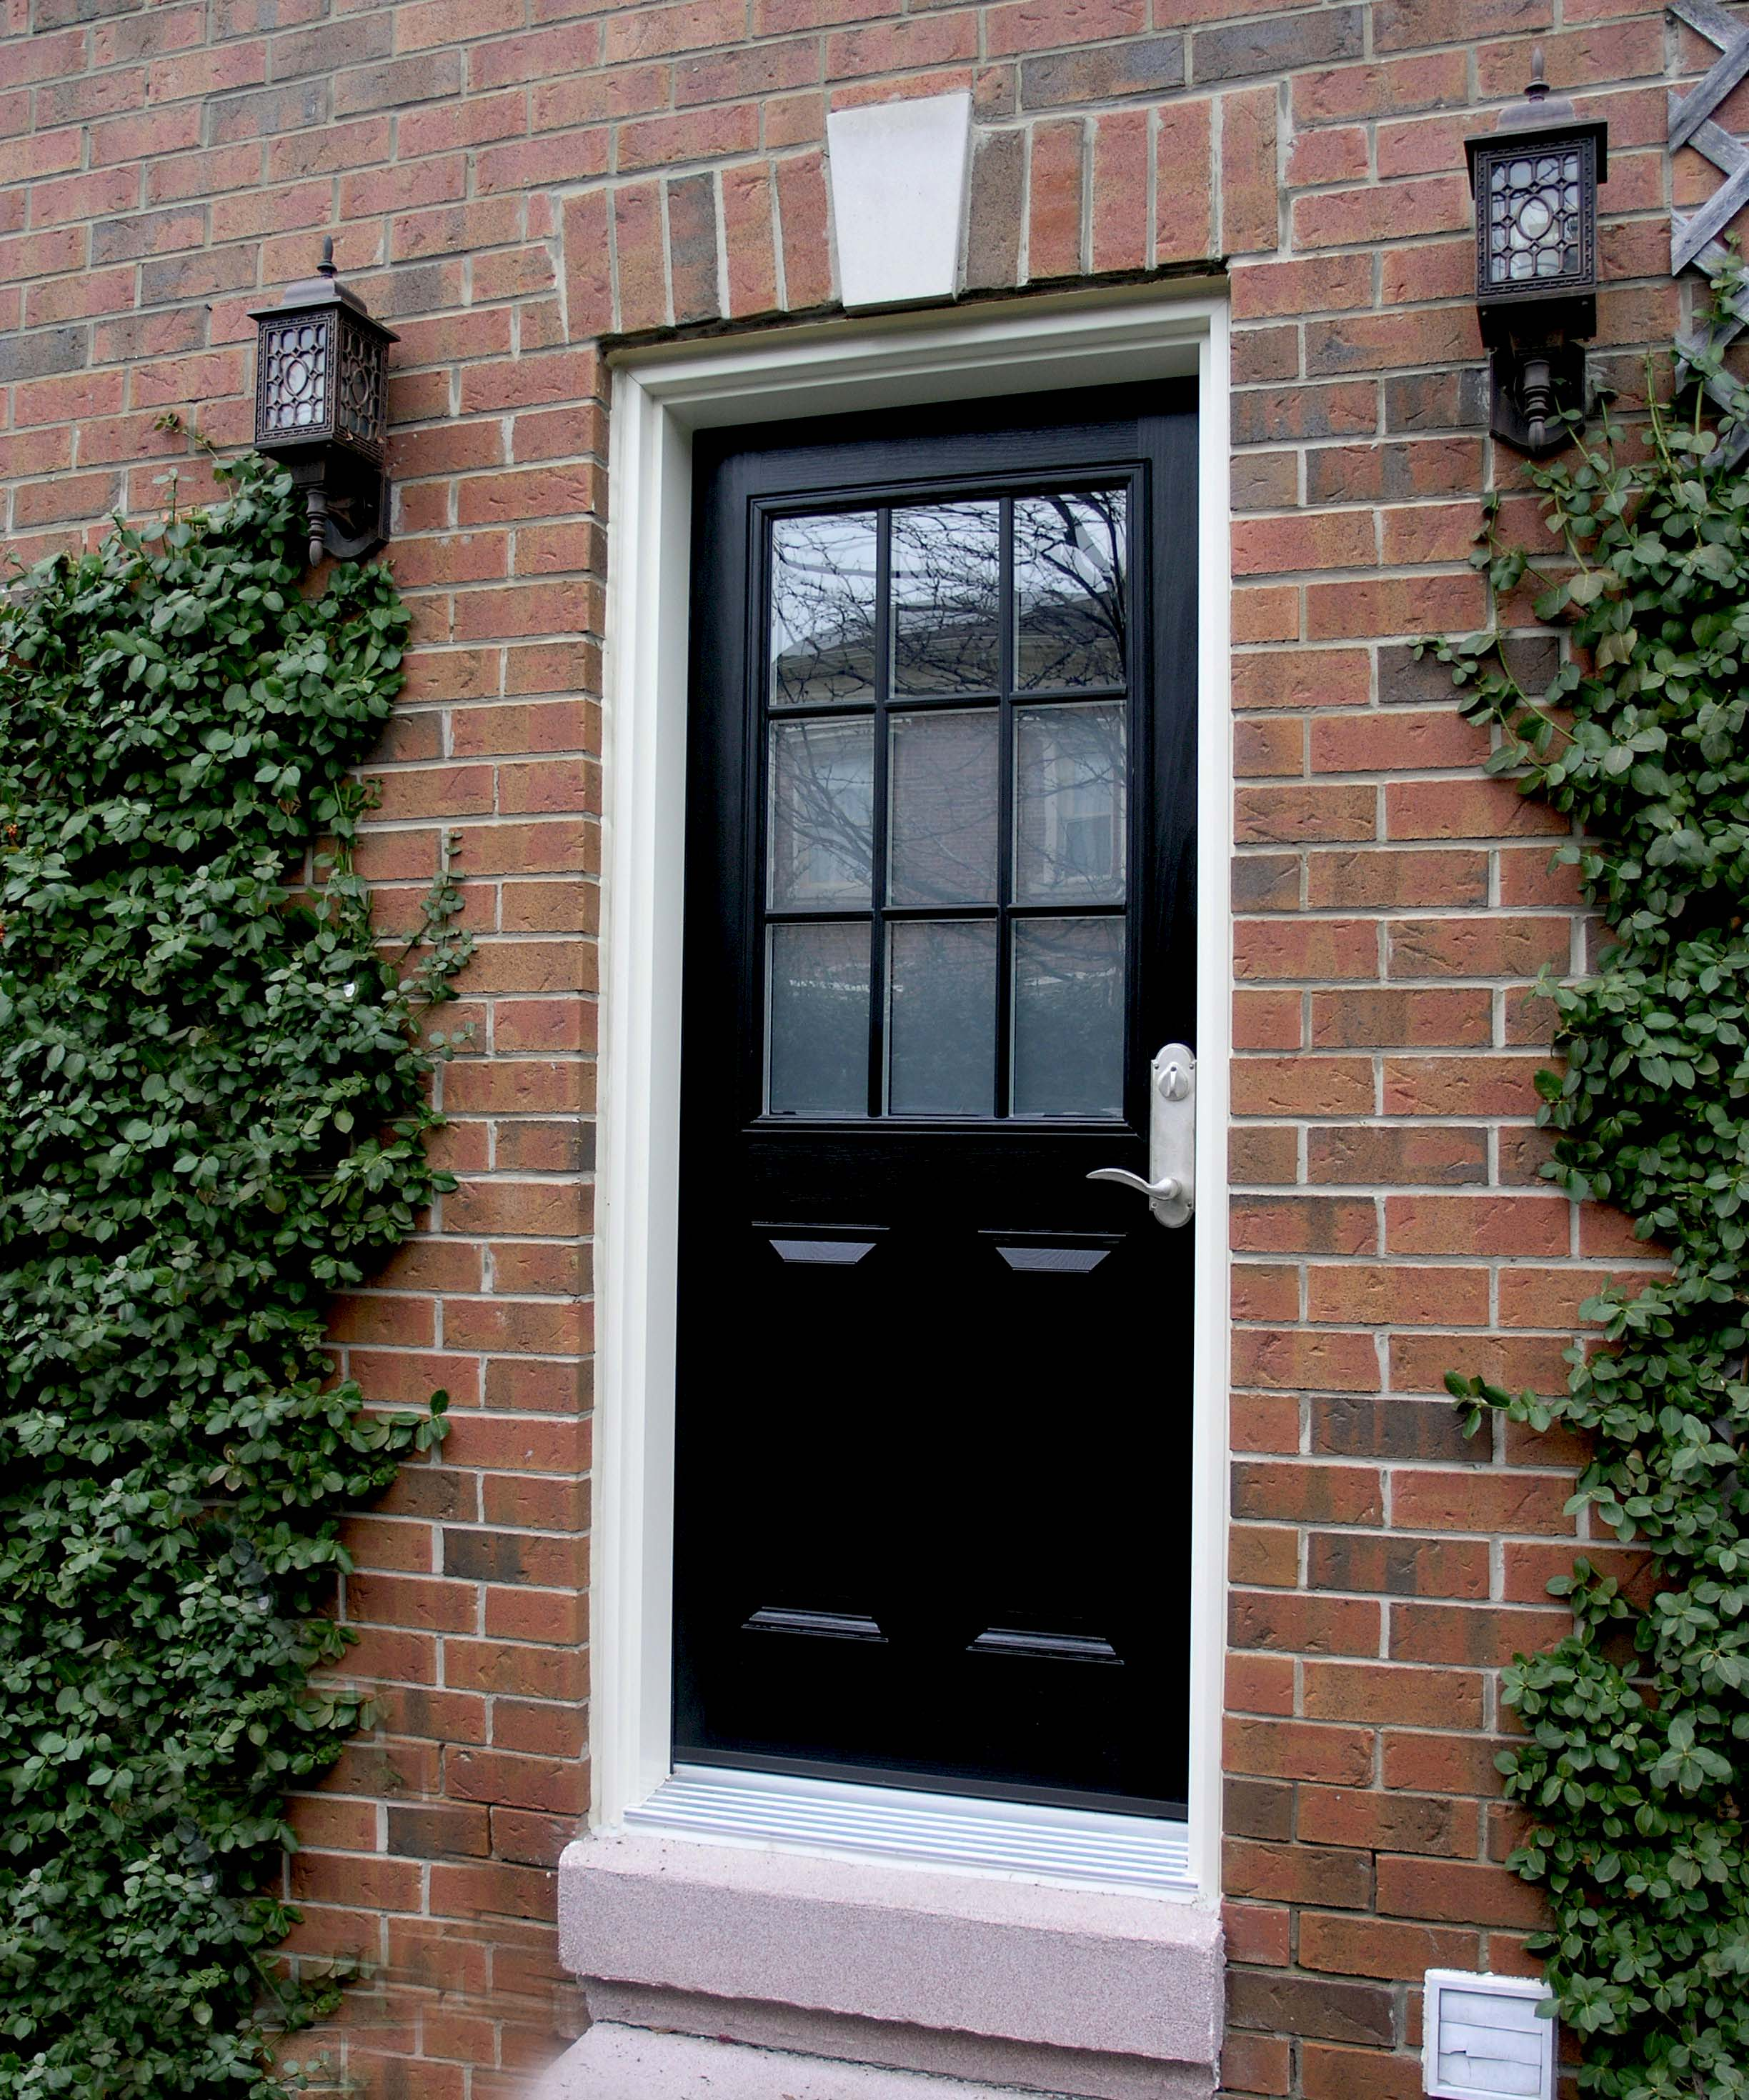 2940 #6E4B3C 200 Series Insulated Steel Entrance Doors Fibertec Windows & Doors  picture/photo Steel Insulated Exterior Doors 40692448